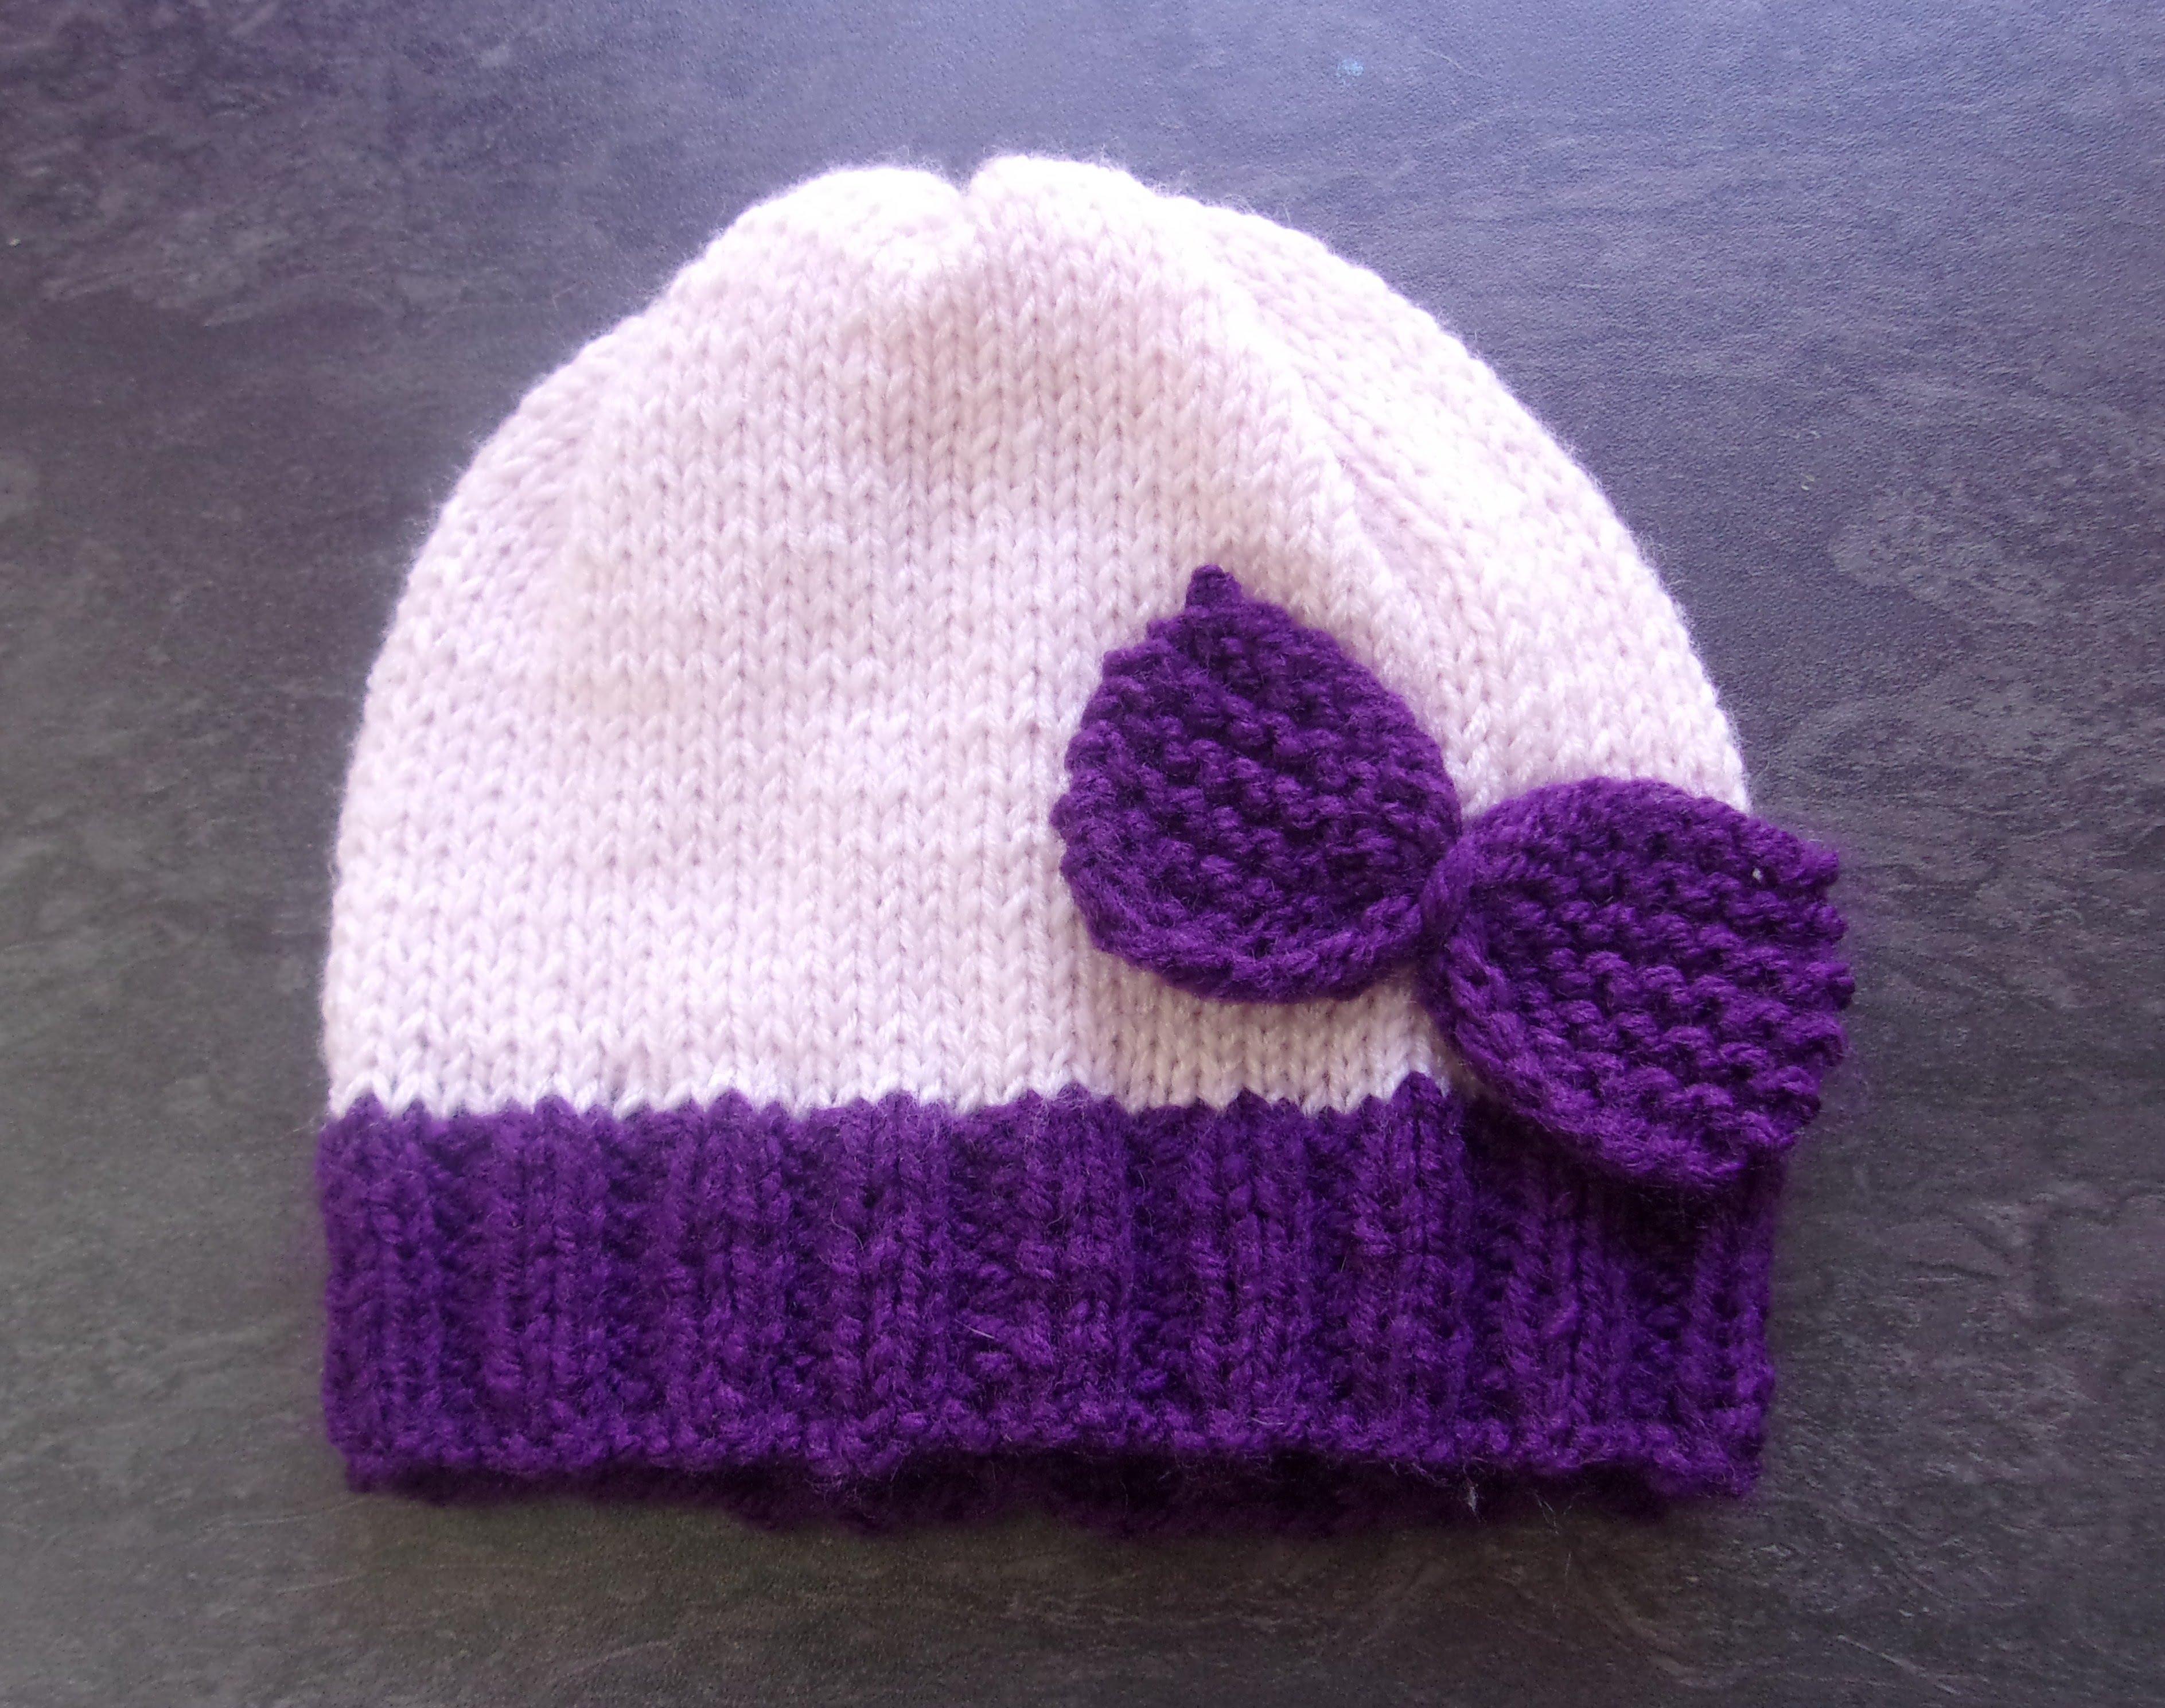 0cd1b0e28b35 Tricoter un bonnet bébé au crochet - Idées de tricot gratuit